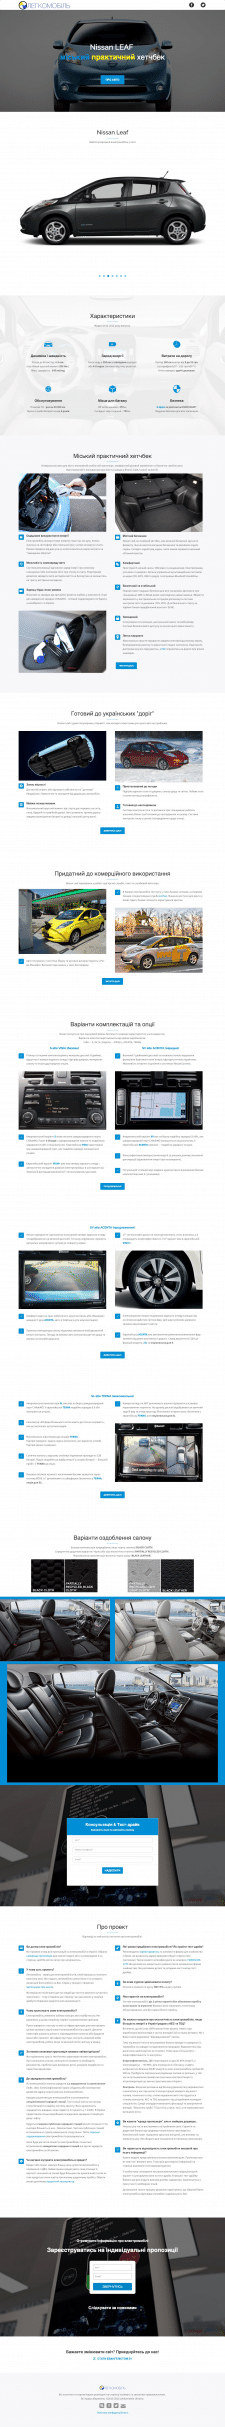 Лендинг Nissan LEAF  - проект Легкомобіль